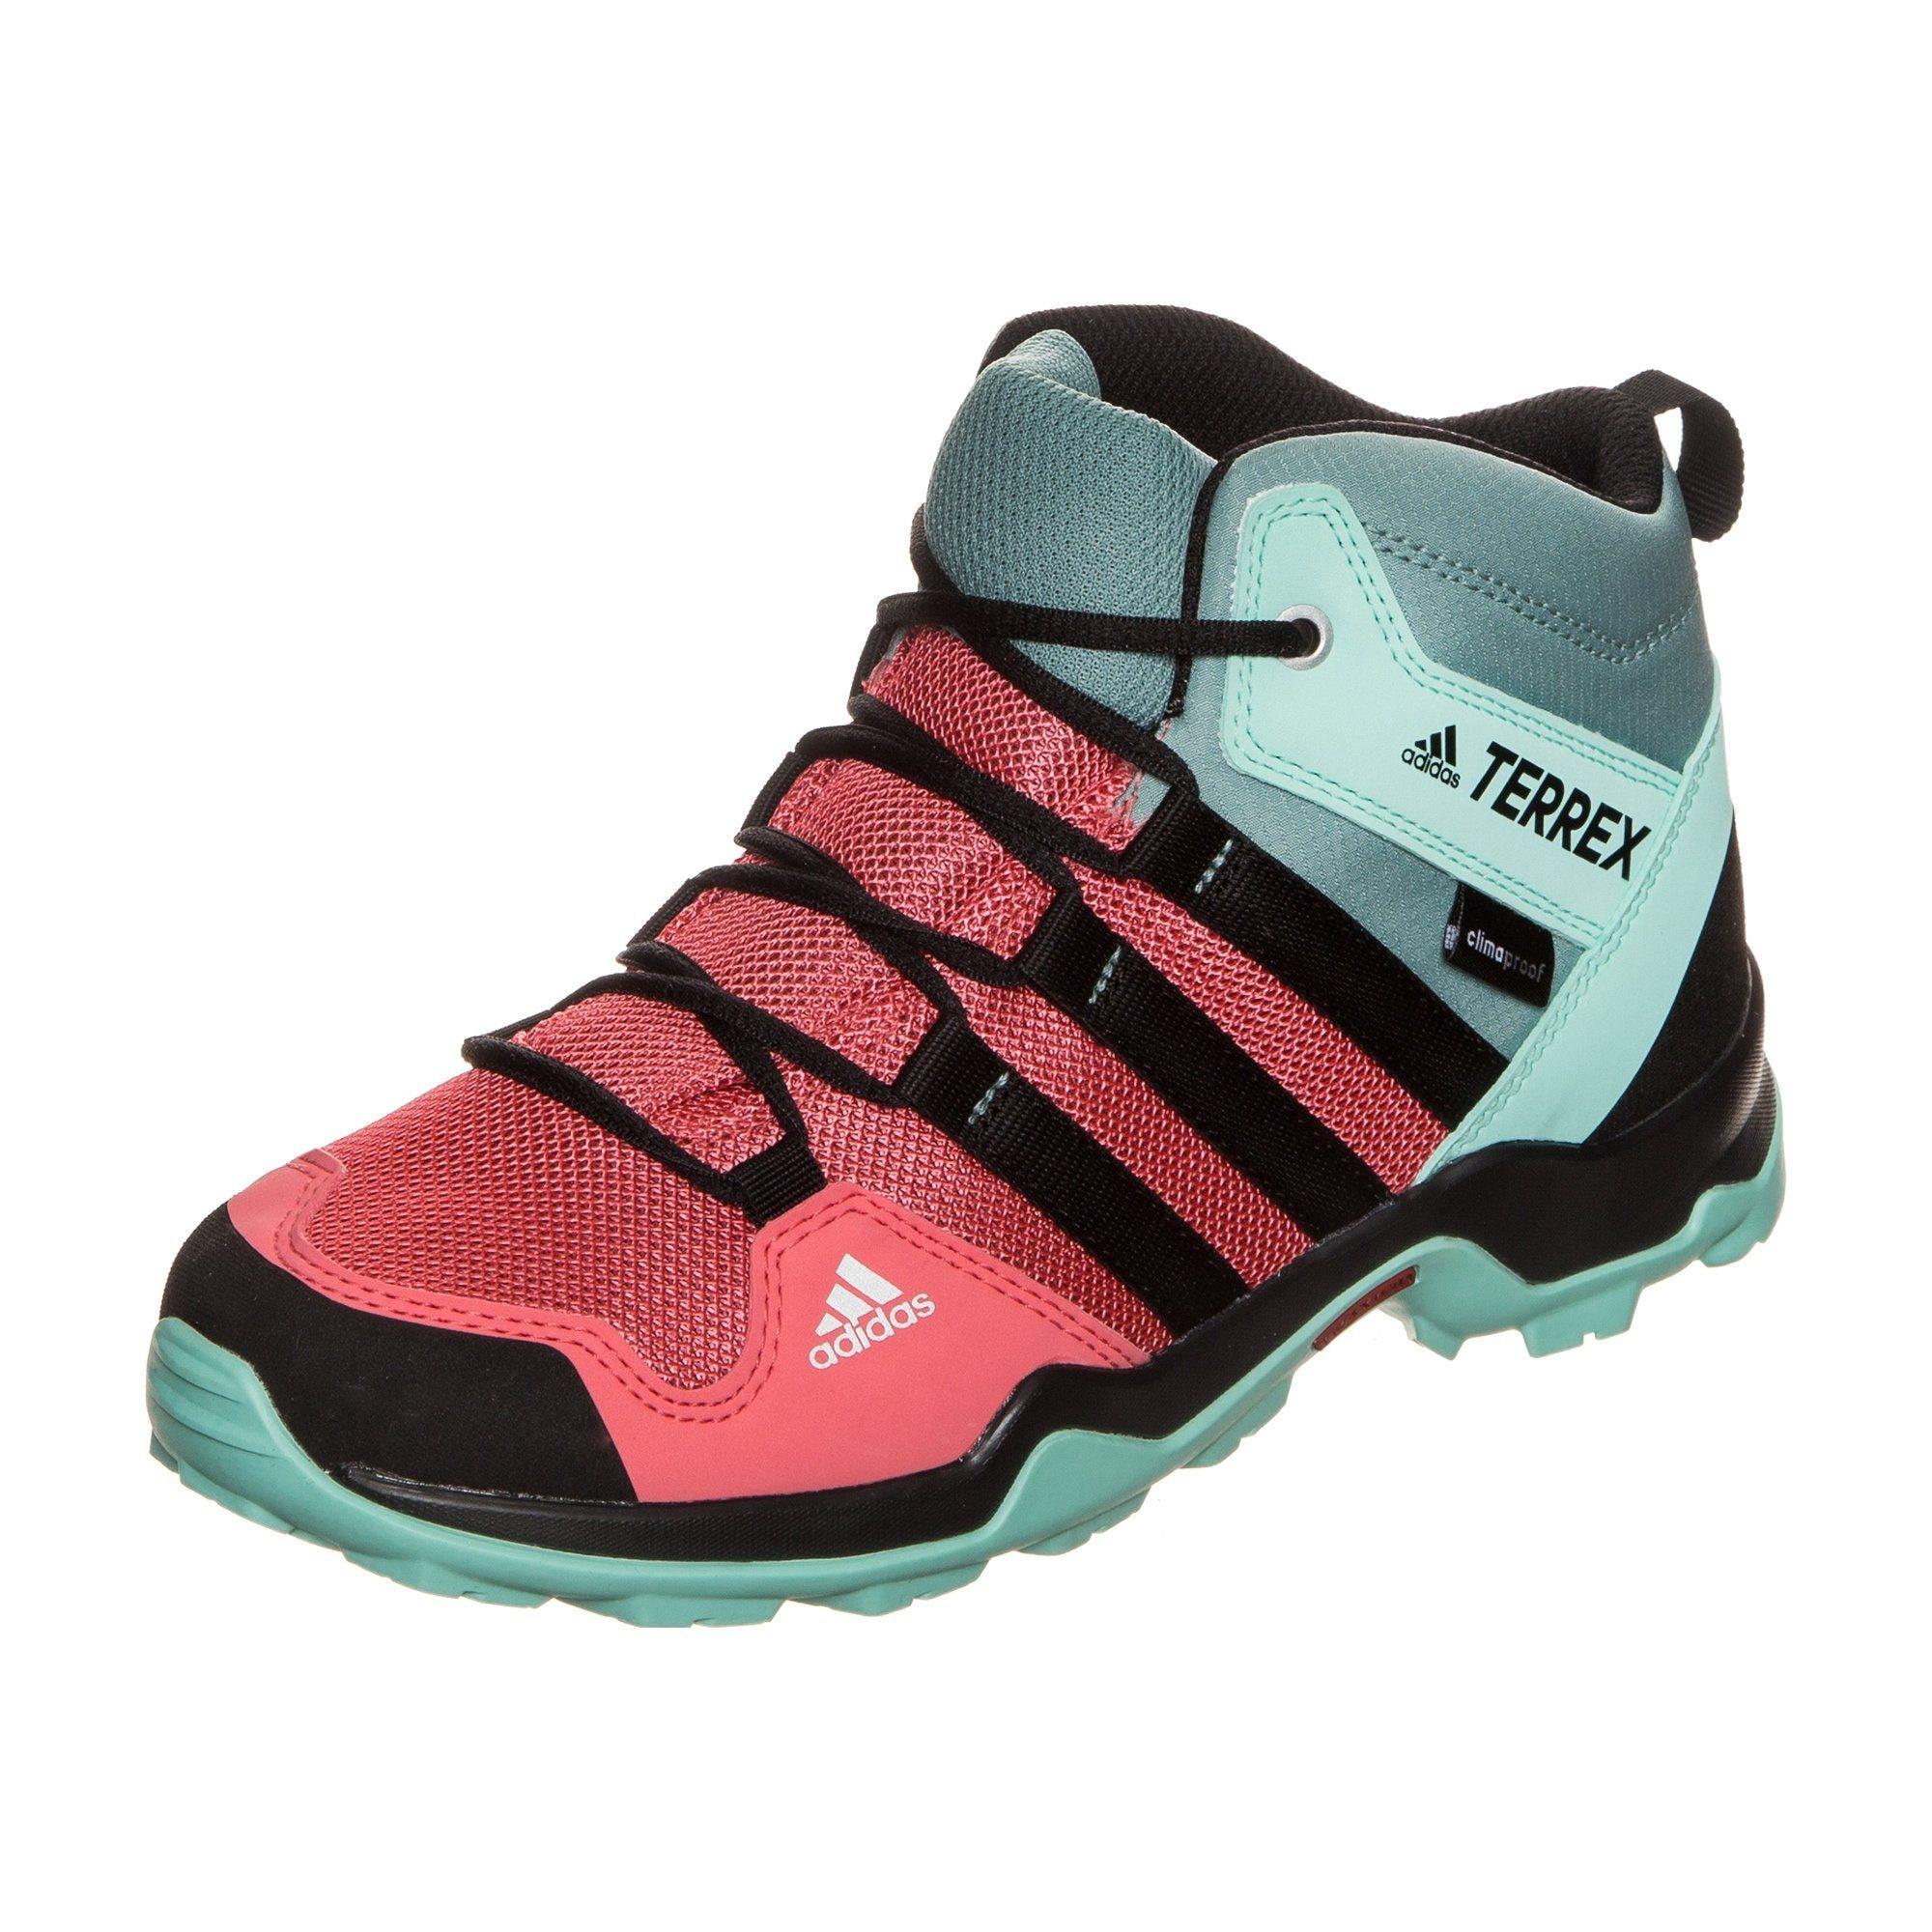 Online Terrex Preisvergleich • Kinder Angebote Adidas Besten Die Kaufen w0P1nFq4